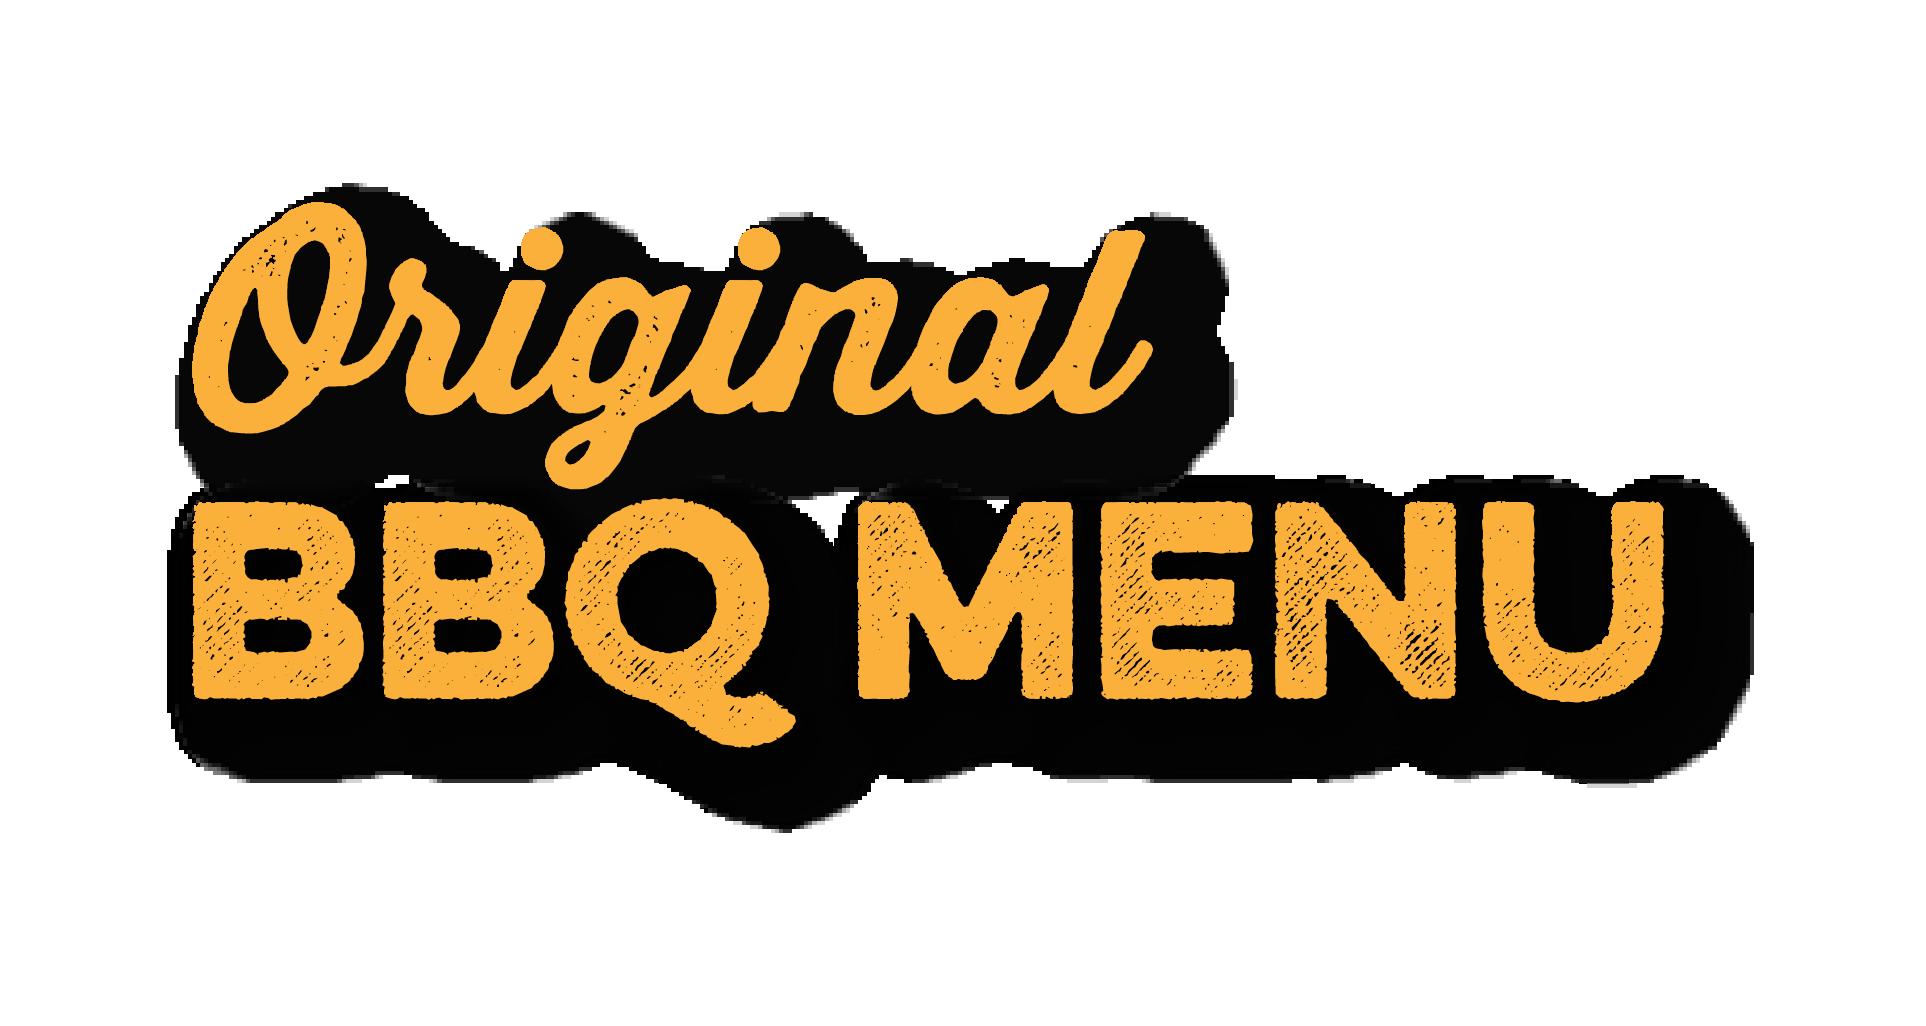 GSH Original BBQ MENUv2 truecolour